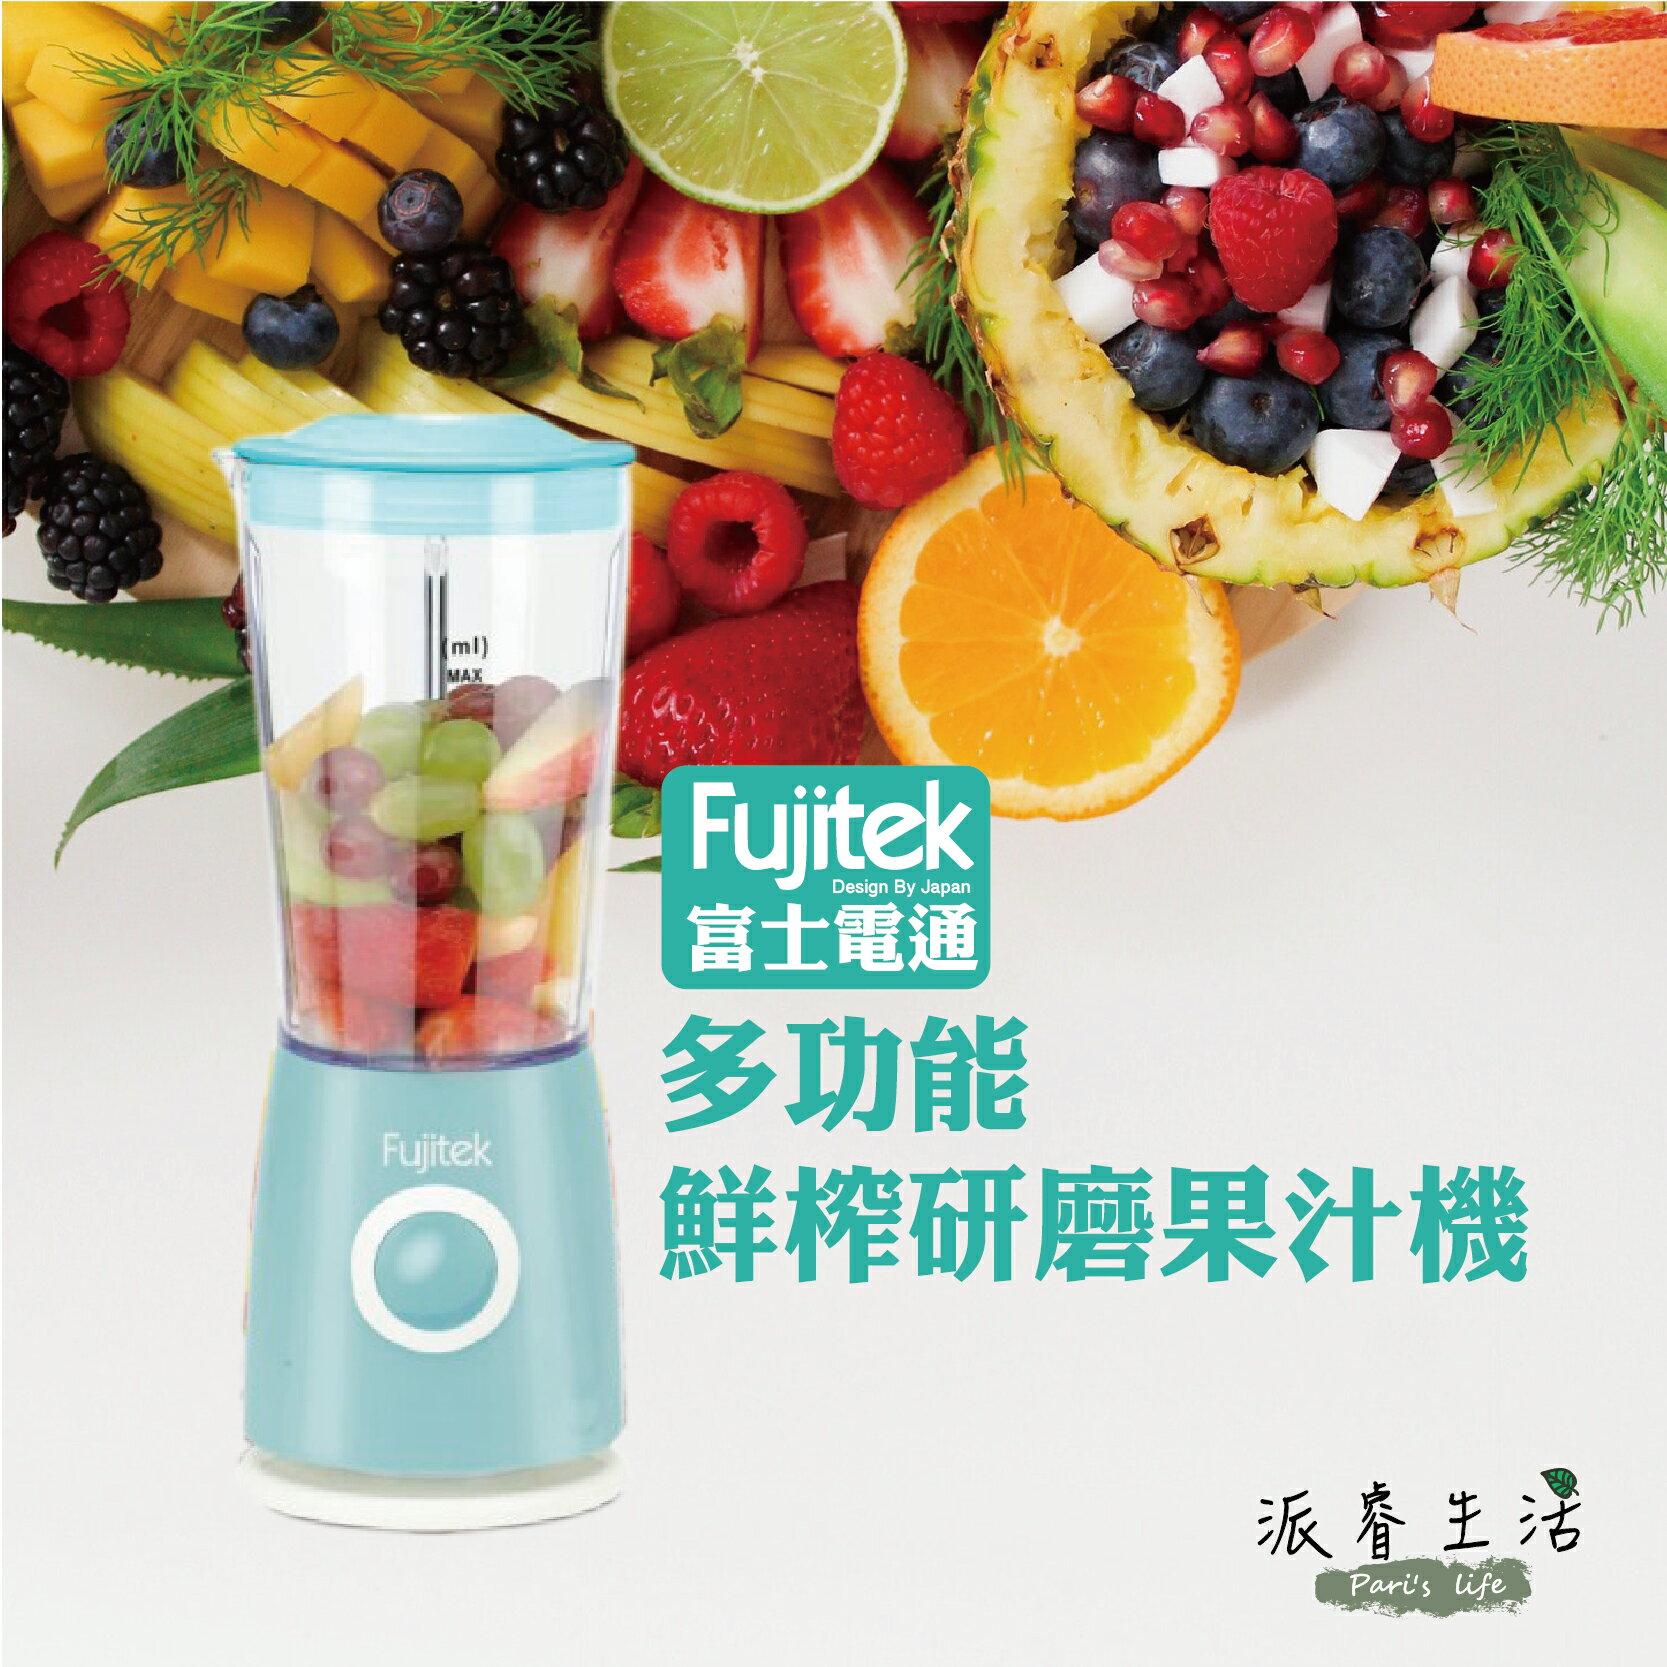 免運【Fujitek 富士電通】多功能鮮榨研磨果汁機(共附3款杯體)/一機多用/鮮榨、研磨、攪拌  FT-JE012